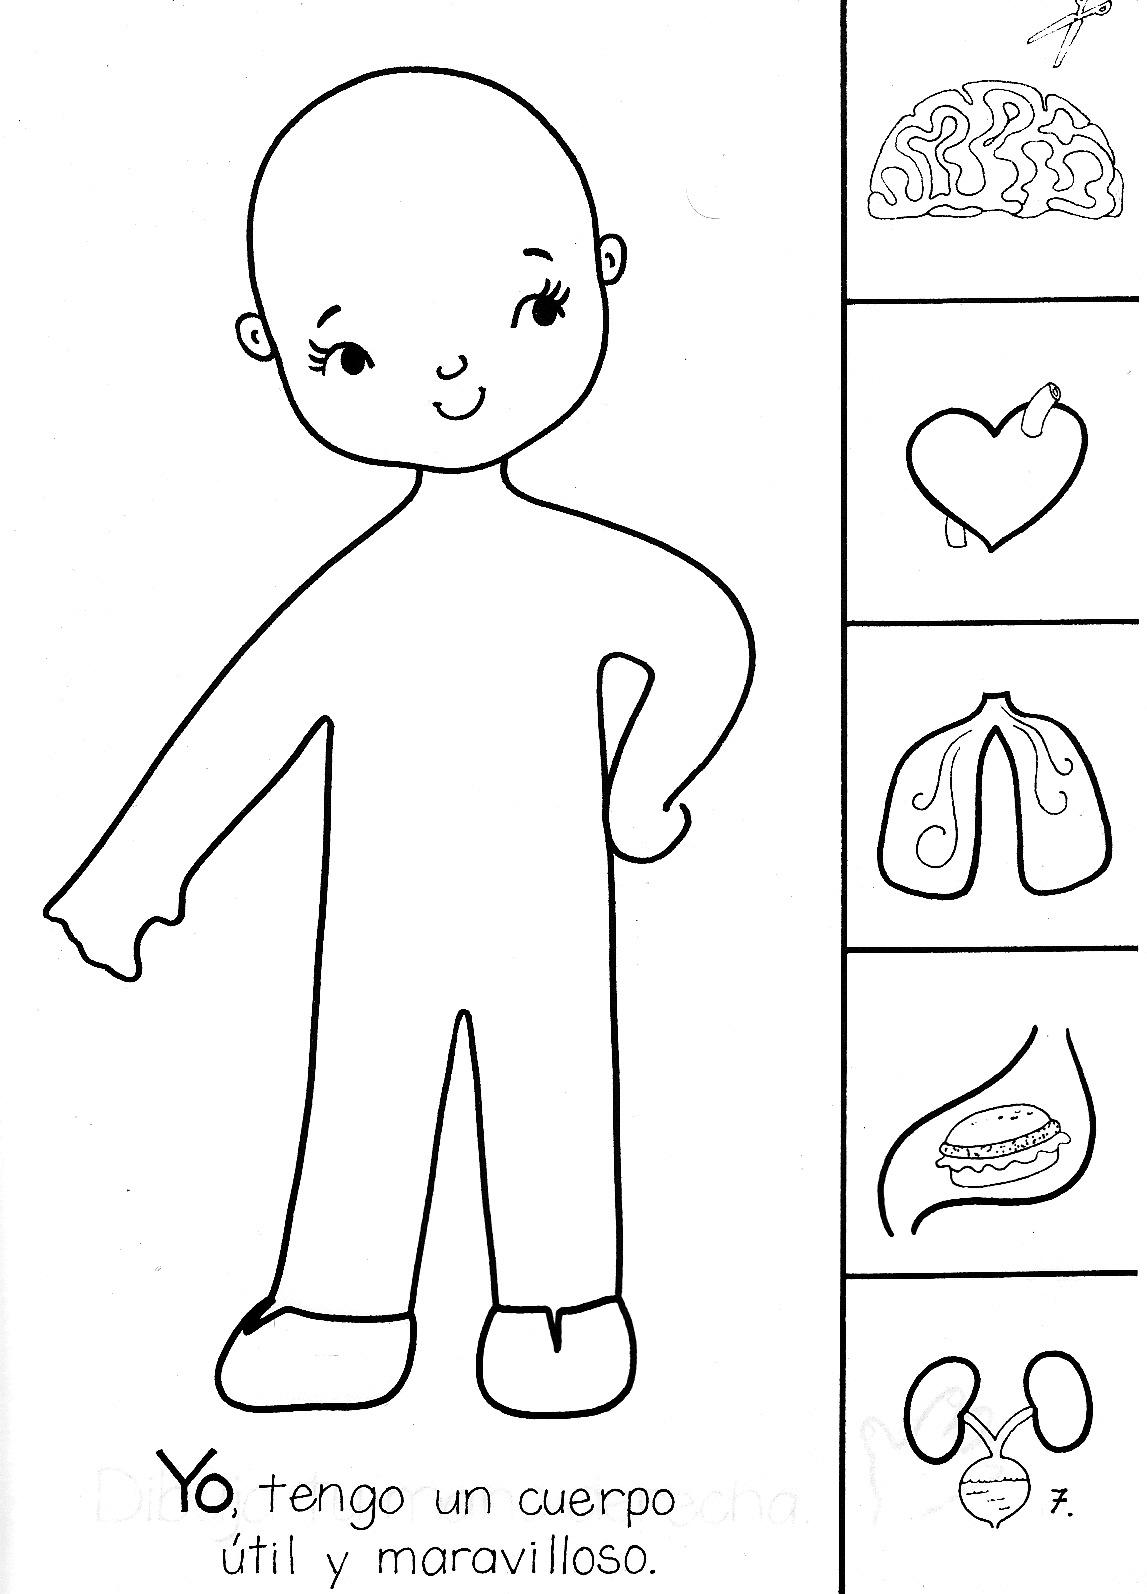 ACTIVIDADES PARA EDUCACIÓN INFANTIL: Actividad para trabajar la